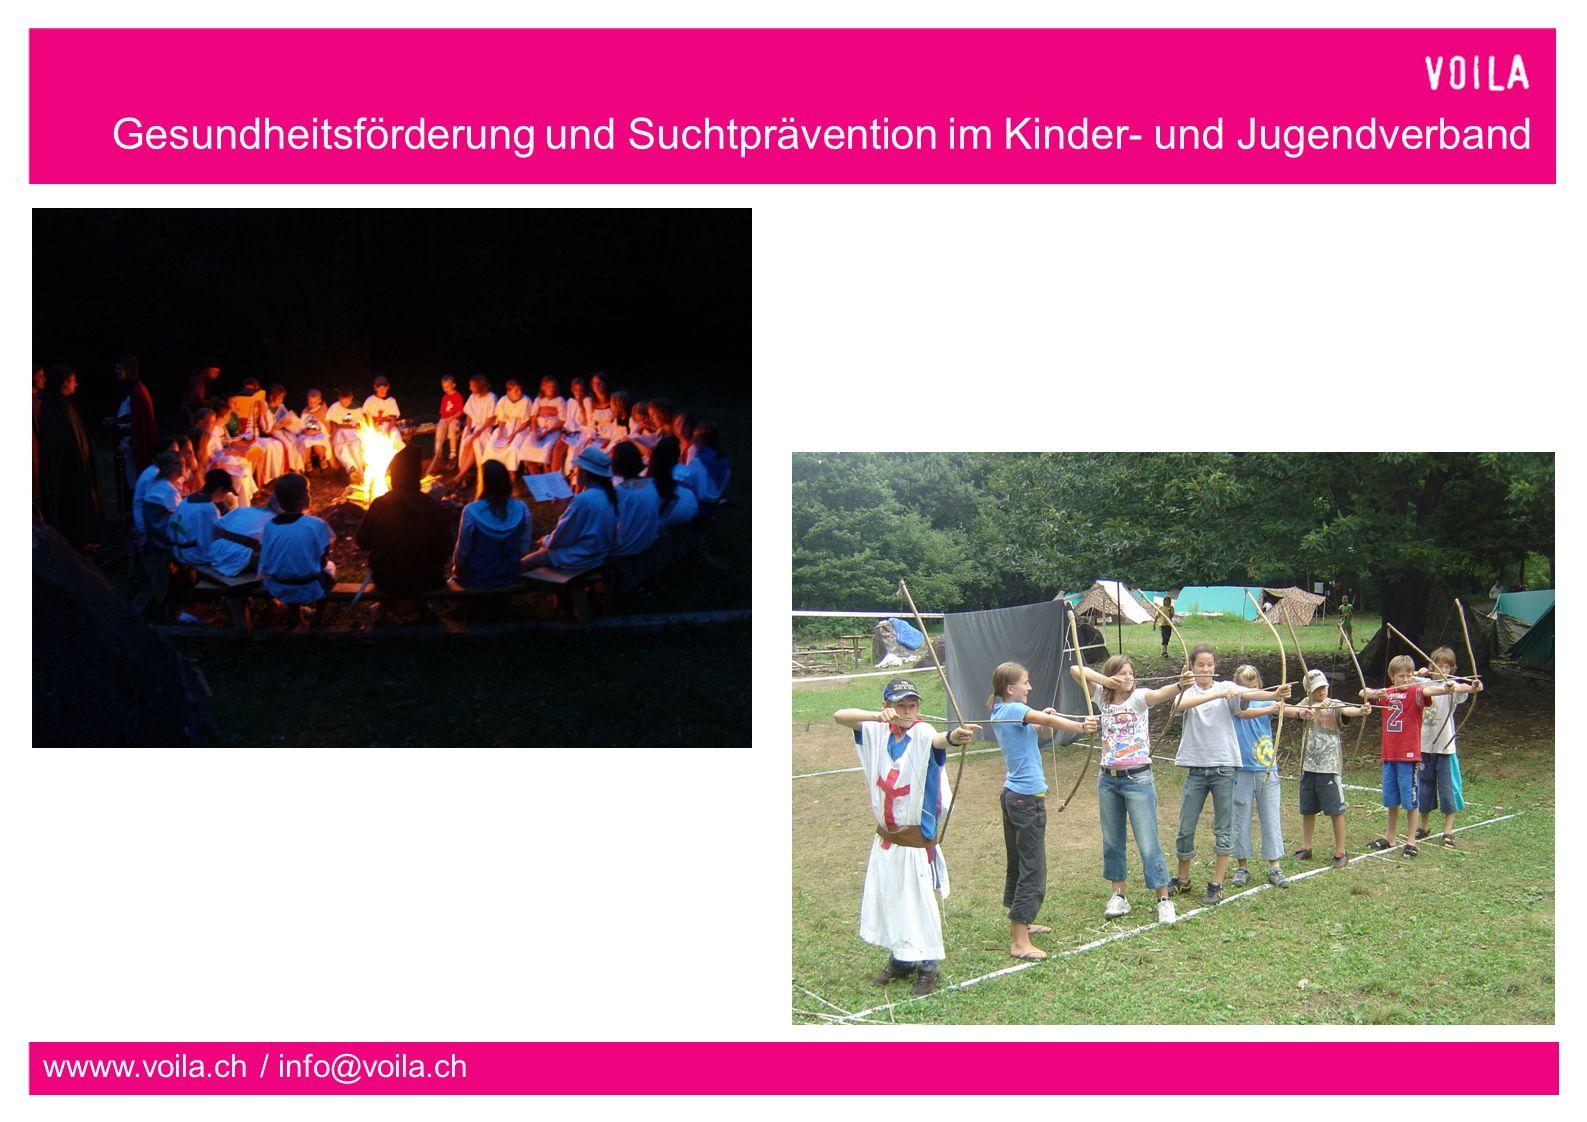 Gesundheitsförderung und Suchtprävention im Kinder- und Jugendverband wwww.voila.ch / info@voila.ch